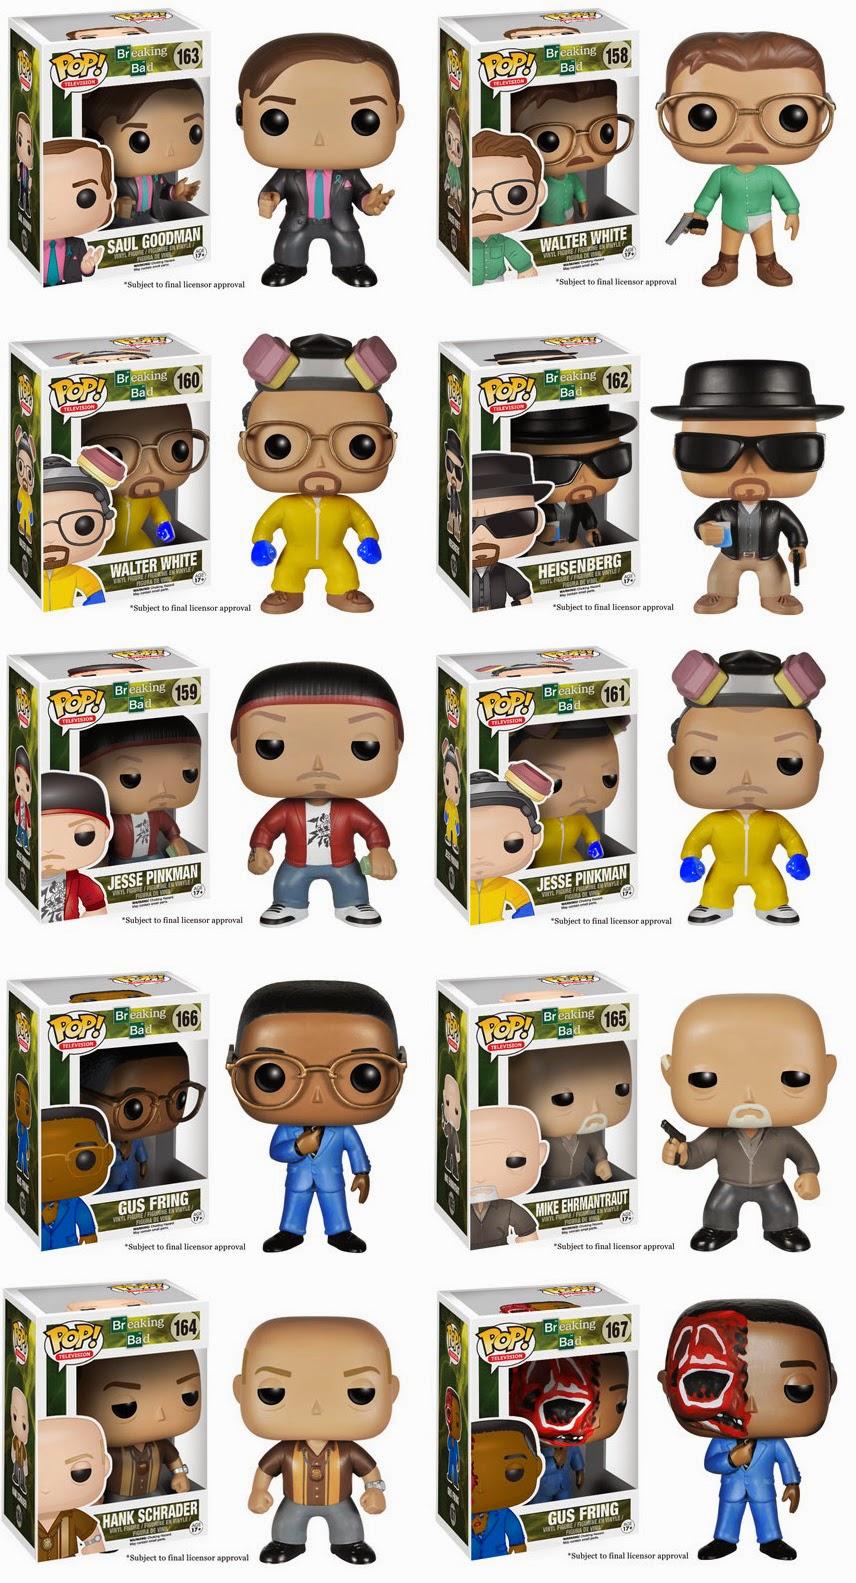 Collecting Toyz Breaking Bad Pop Vinyl Figures